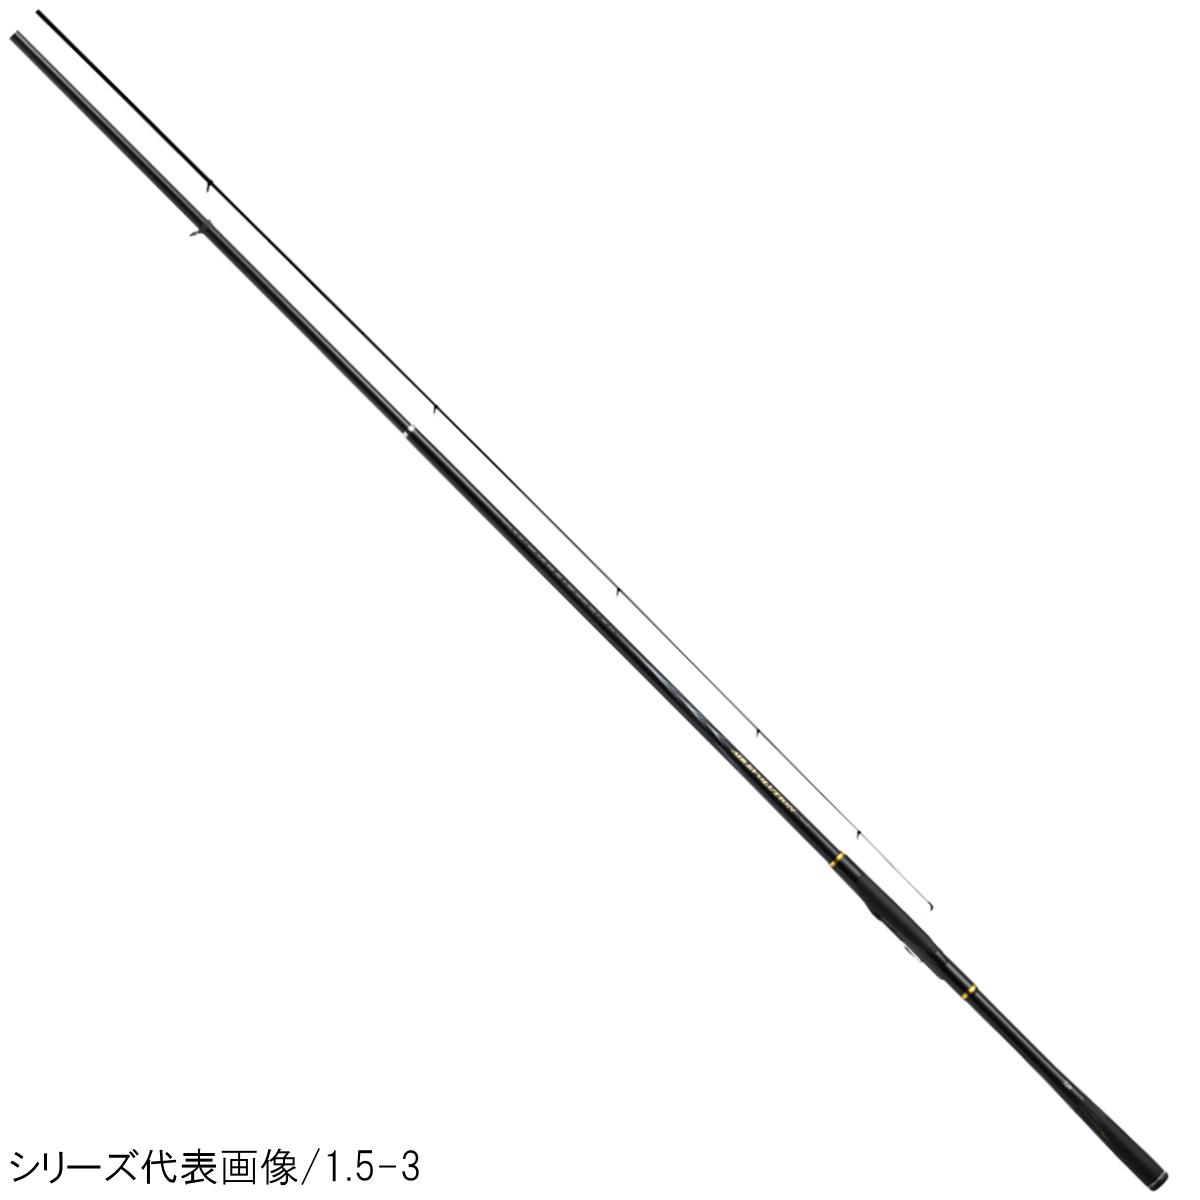 ダイワ エア エボリューション 1.75-53【送料無料】